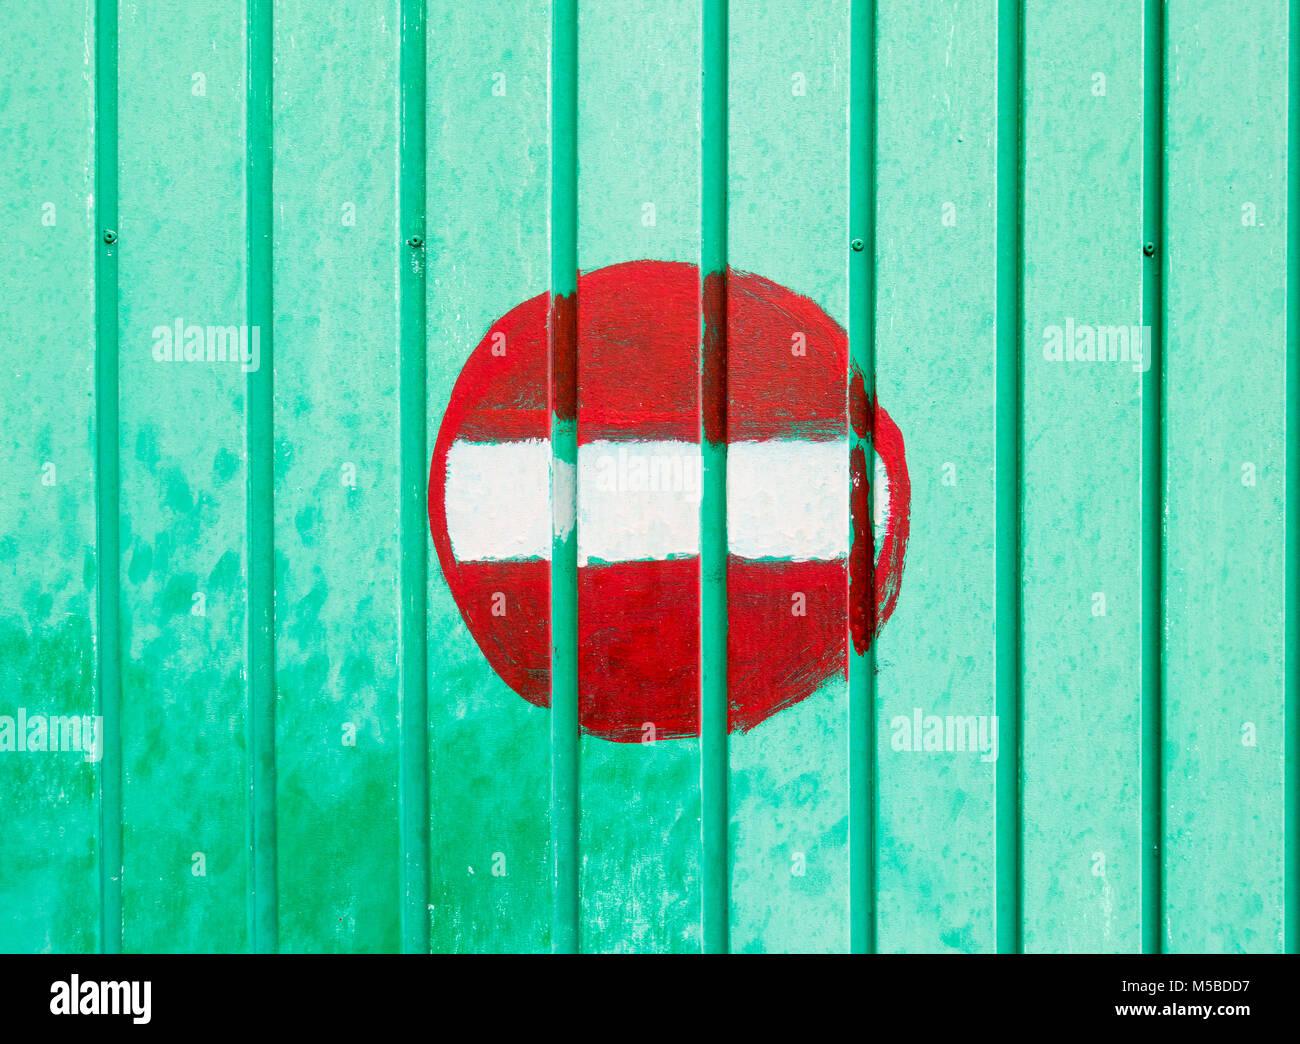 Green garage door stock photos green garage door stock images noe entry sign painted on garage door stock image rubansaba